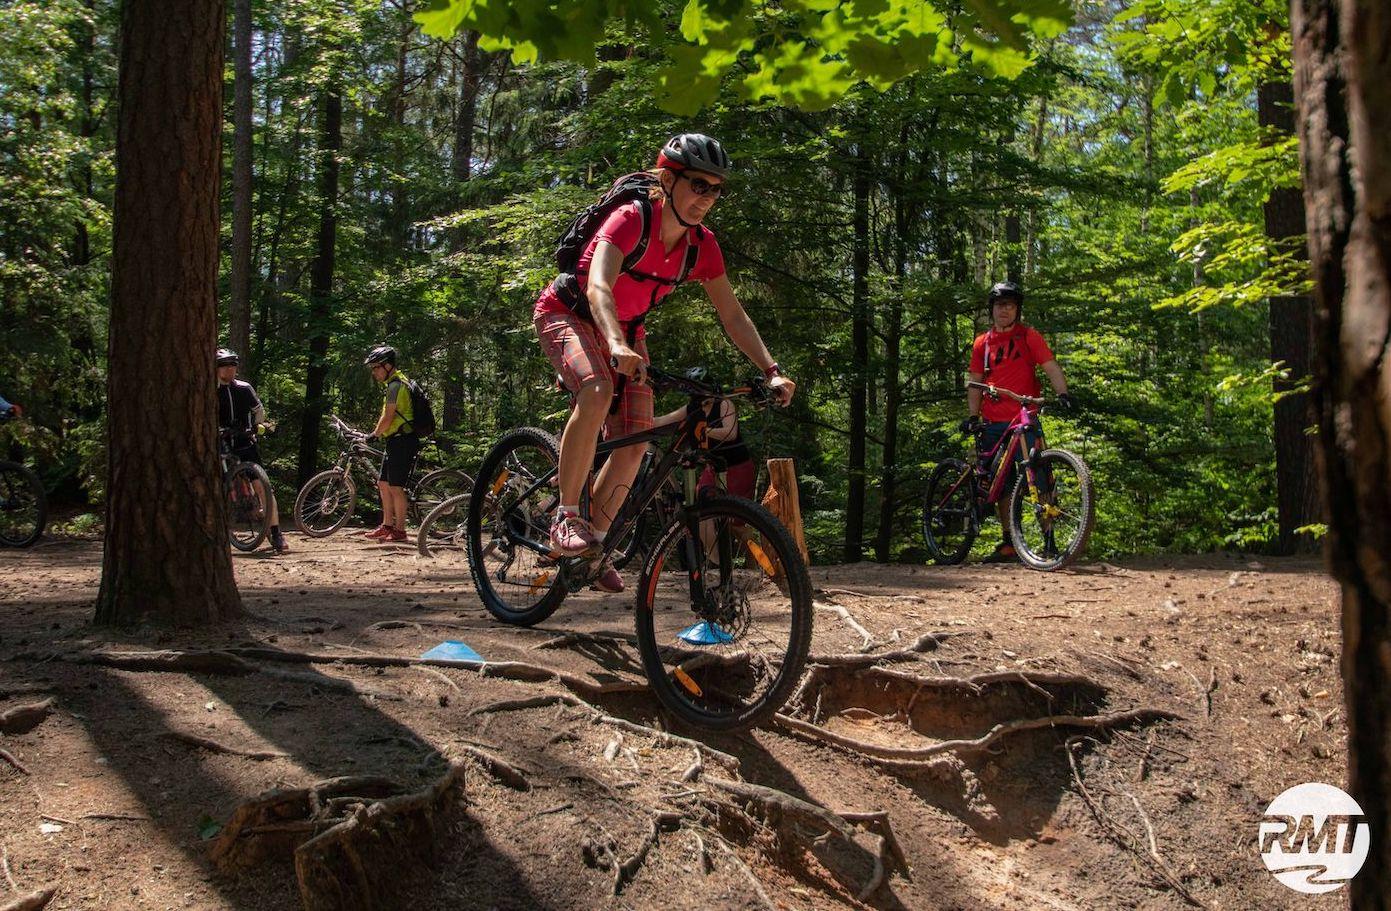 MTB Fahrtechnik Kurs für Einsteiger in Siegen - Mountainbike Basic - Rock my Trail Bikeschule